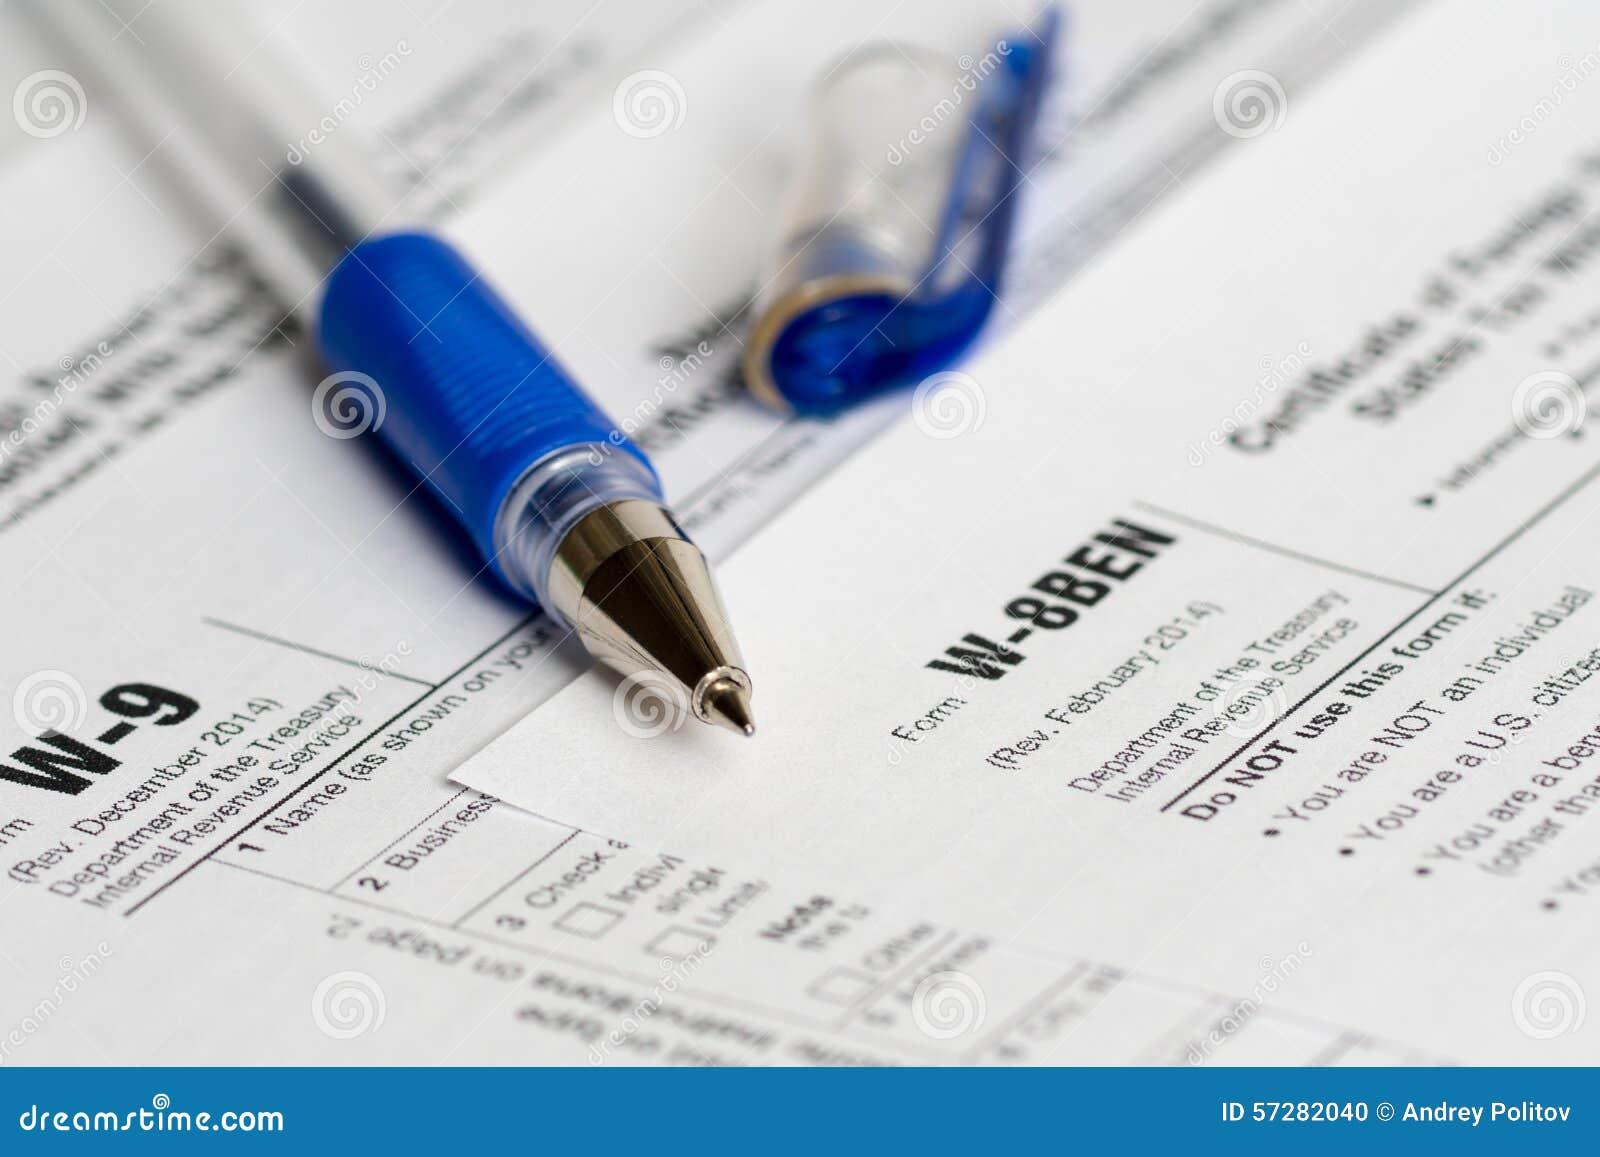 Формы отчетности налога с раскрытой голубой ручкой